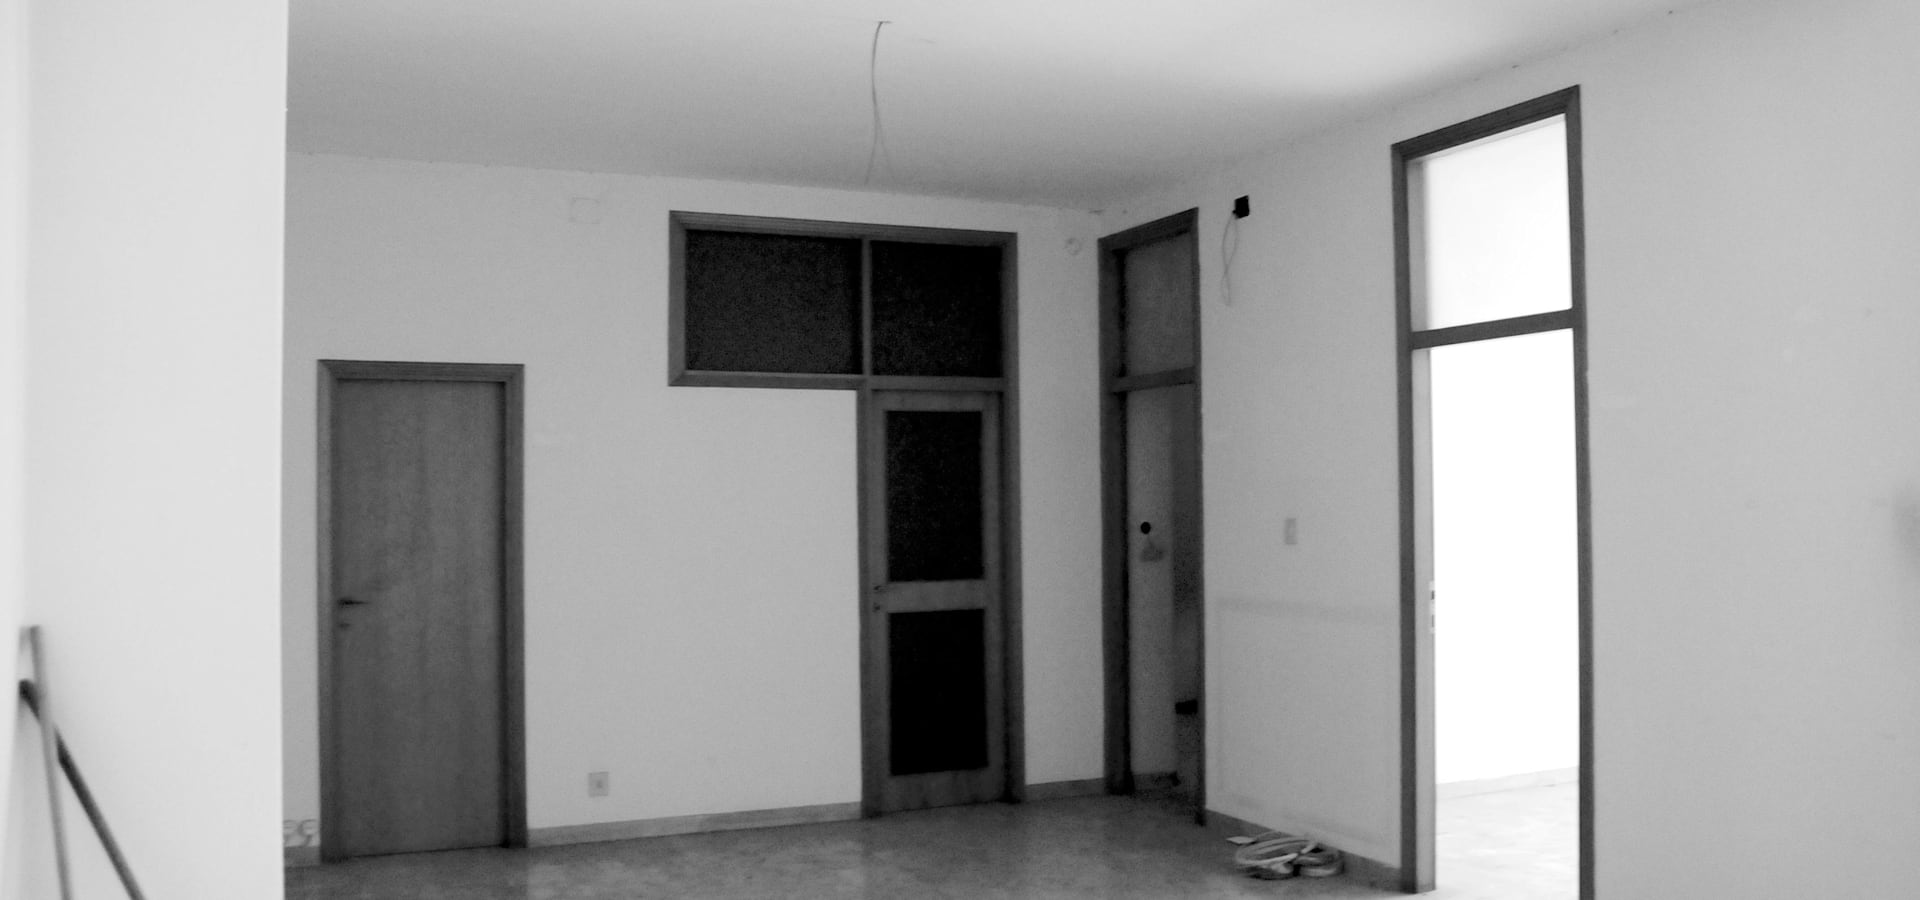 Angeli brucoli architetti architetti a faenza ra for Case in stile arti e mestieri